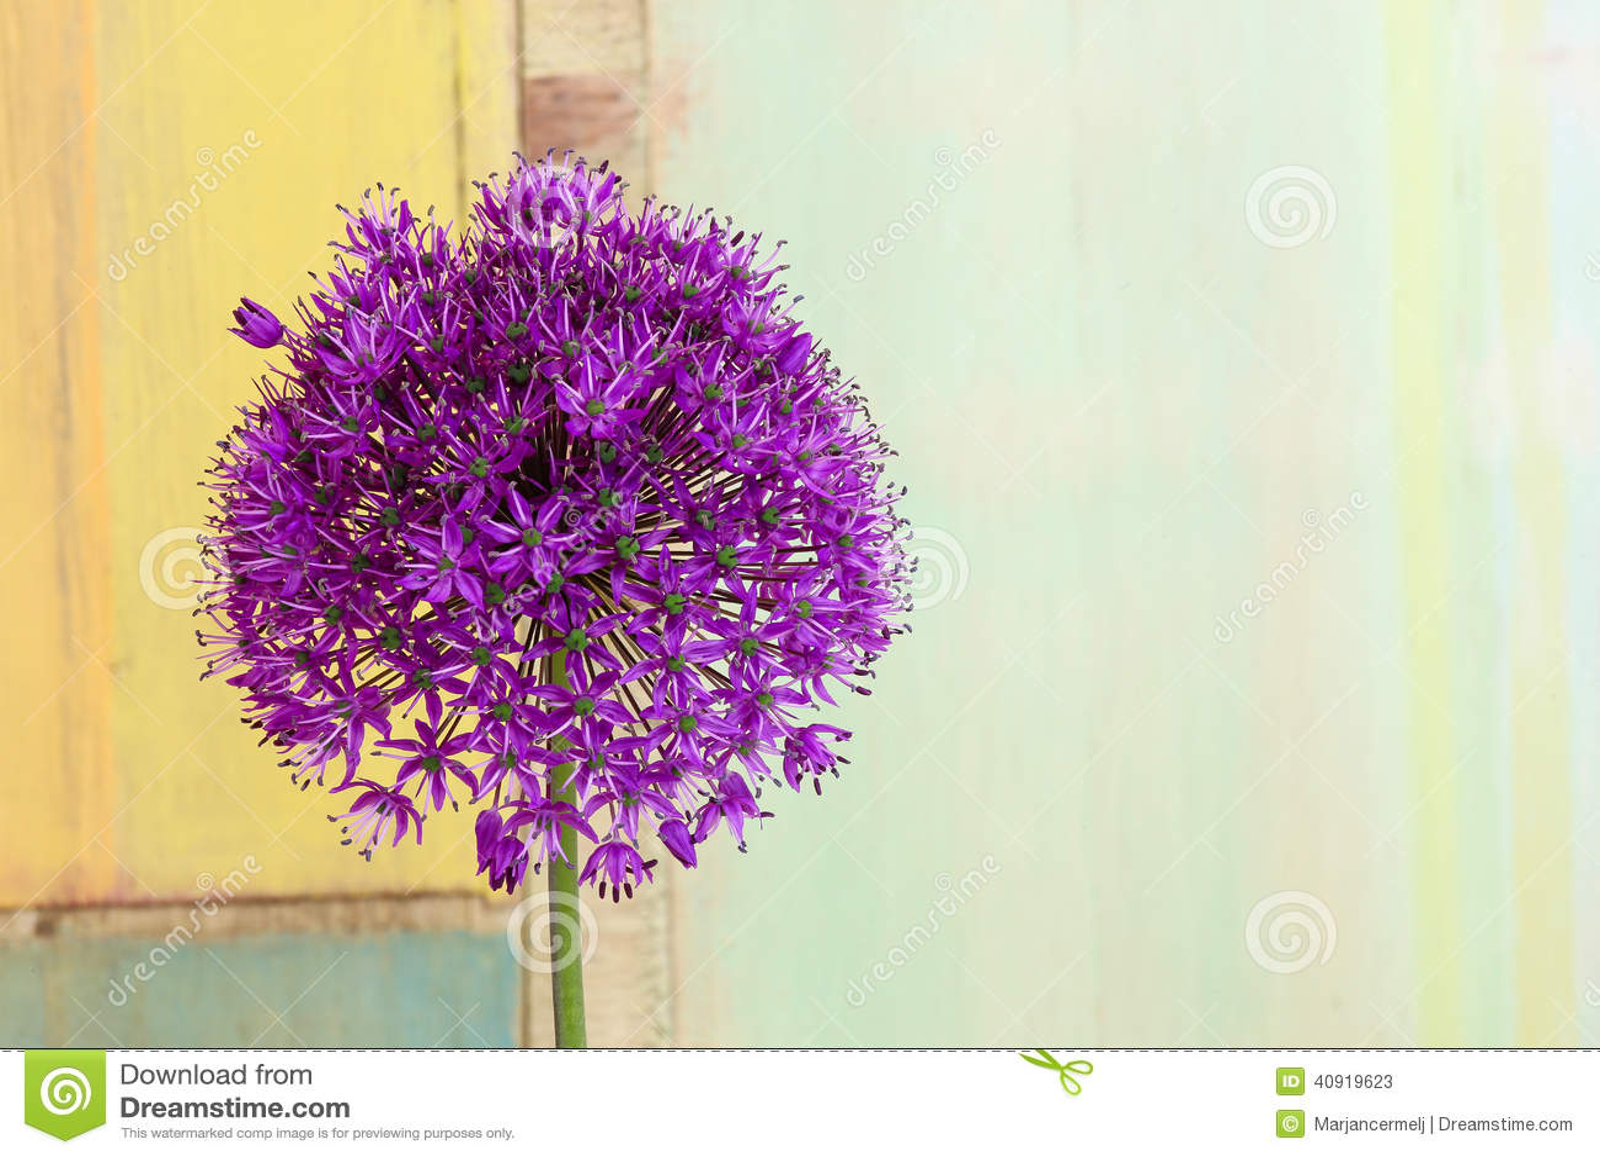 Allium Sierui Violet Showy Flower Head